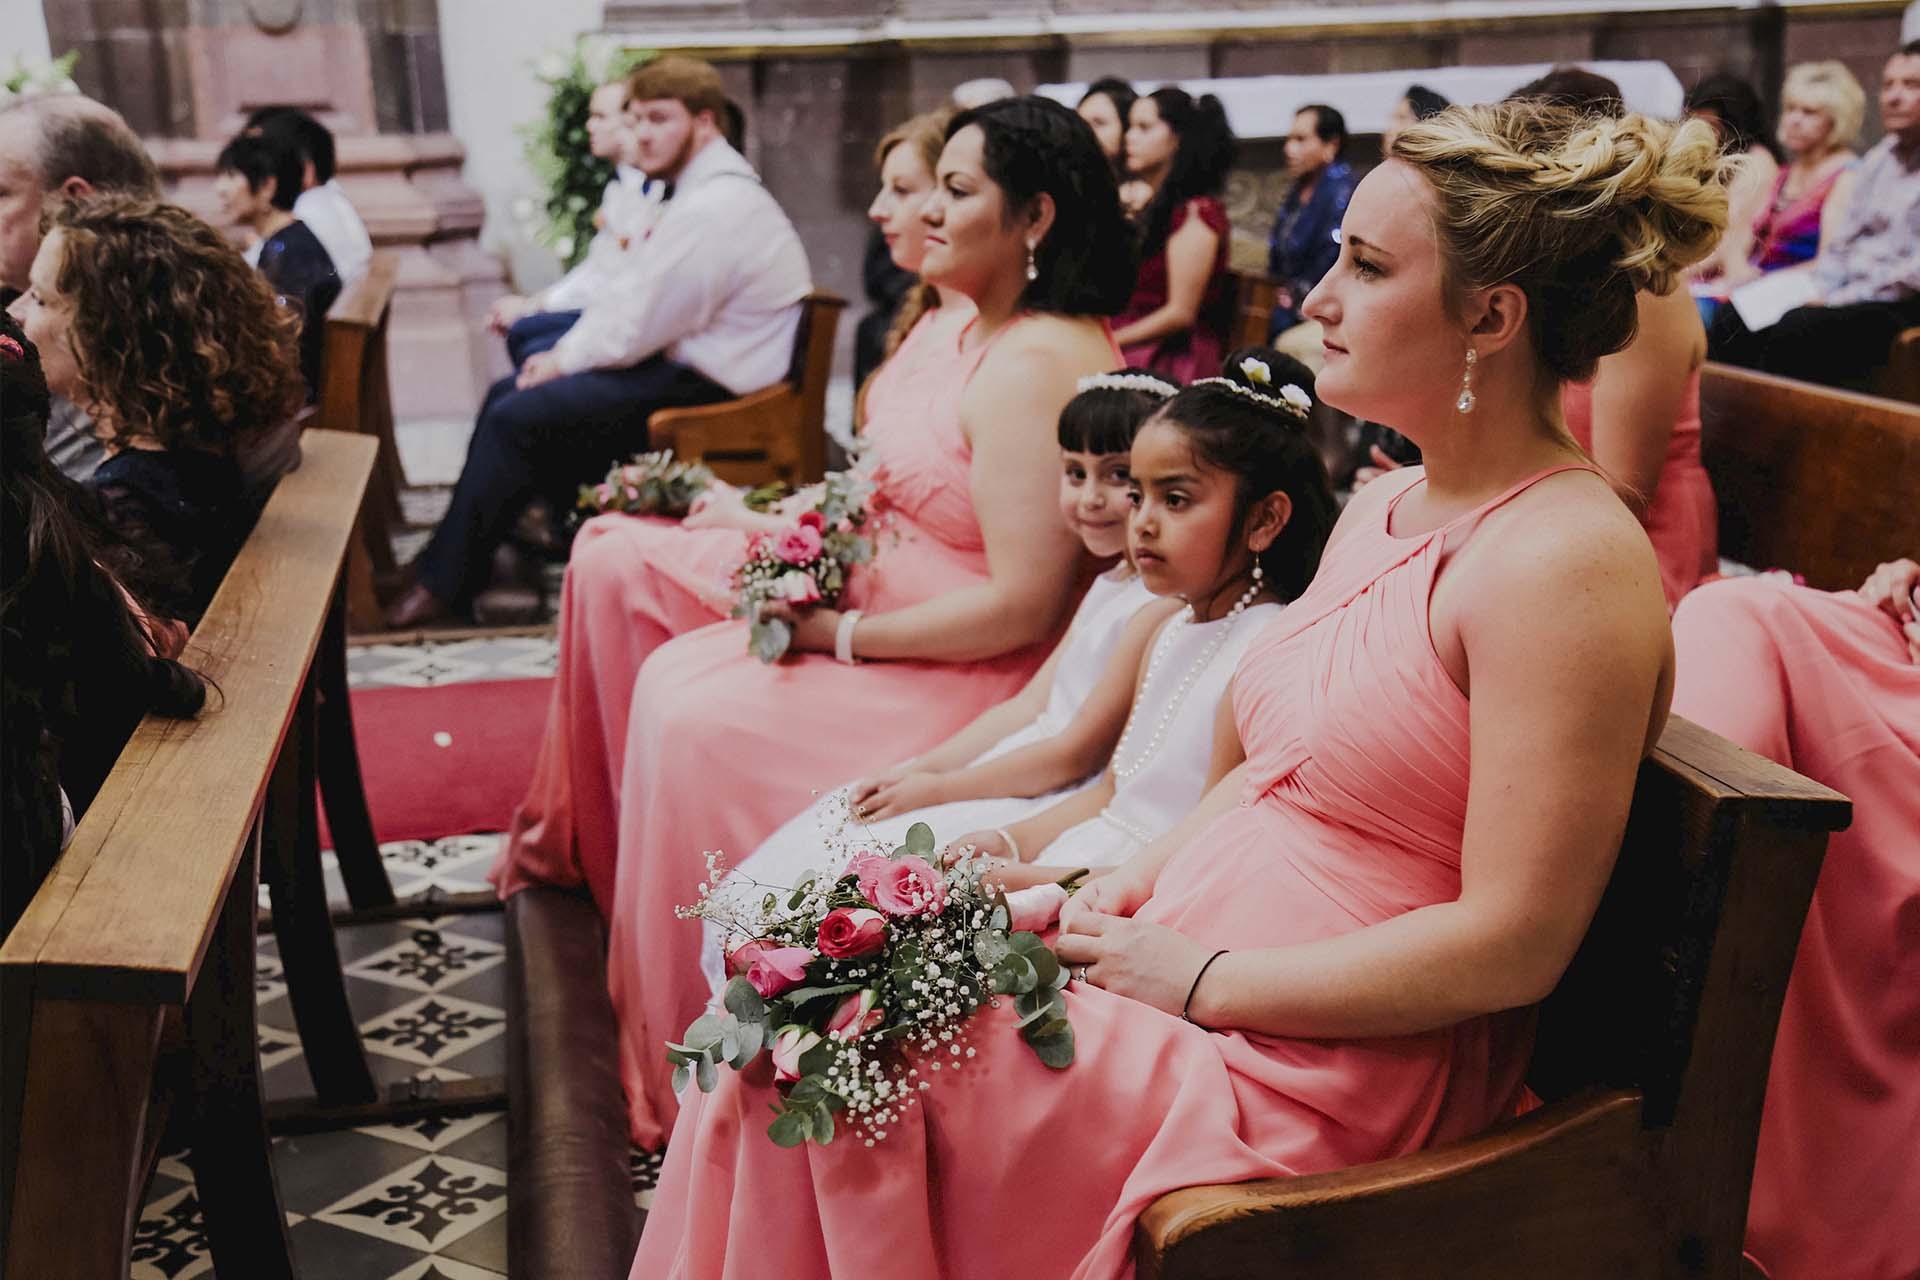 GALERIA DE BODAS | WEDDING DAY | HACIENDA LA CIENEGUITA SAN MIGUEL ...